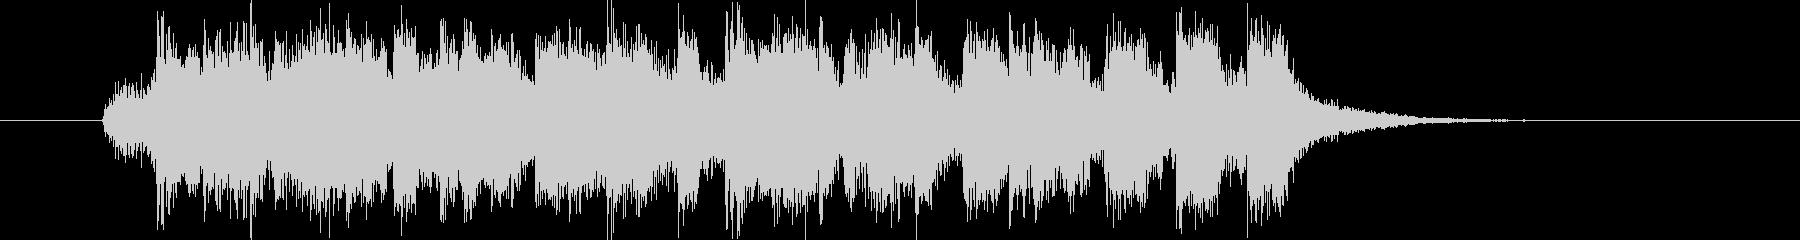 盛大で明るいシンセサイザーサウンドの未再生の波形